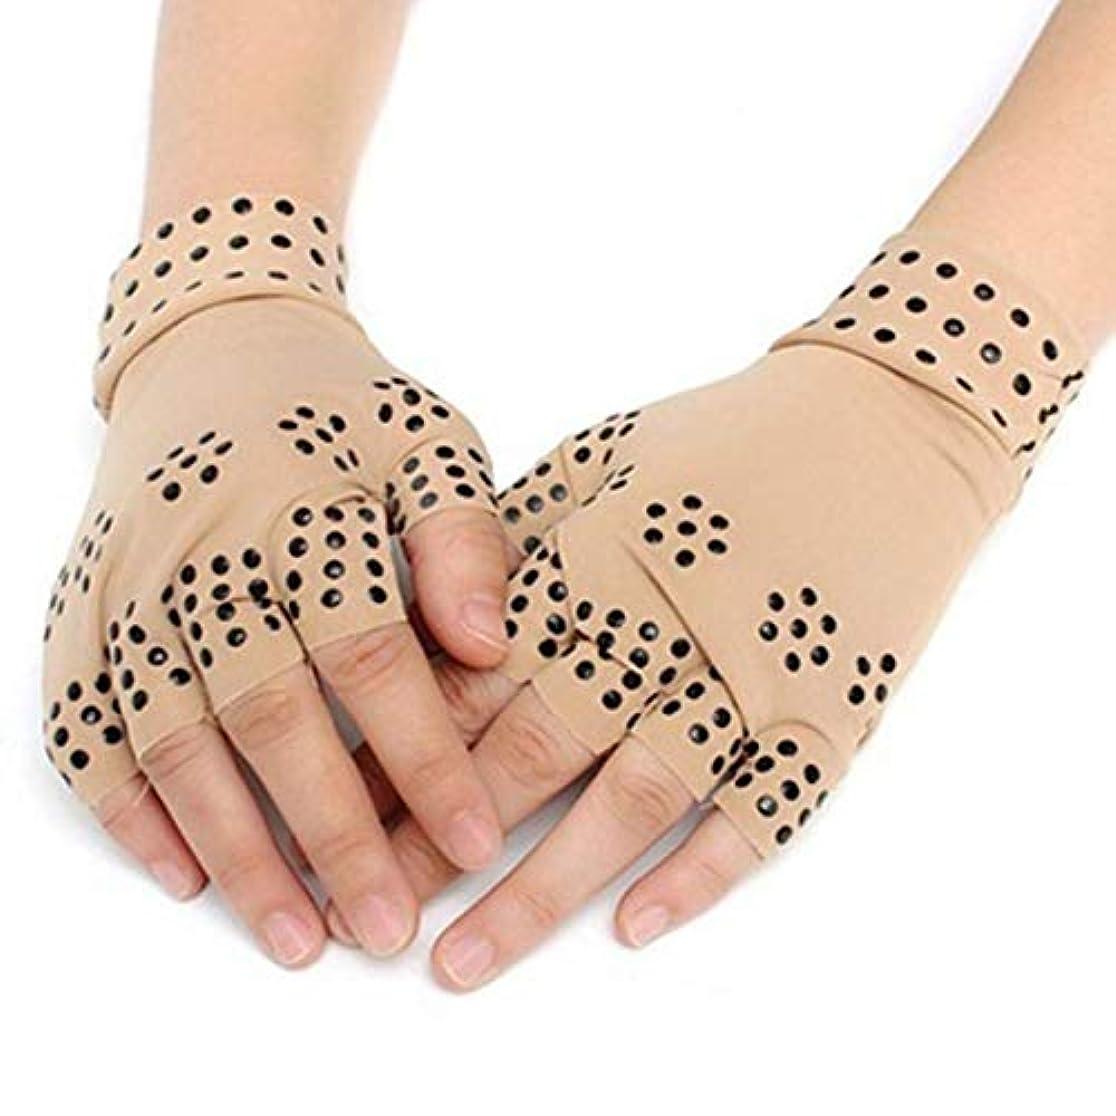 値層影響を受けやすいですAngzhili 磁気手袋 関節炎療法手袋 着圧手袋 指なし手袋 磁気療法 関節炎 関節ストレス 手首サポーター 関節炎解消 リウマチ性手痛 1ペア